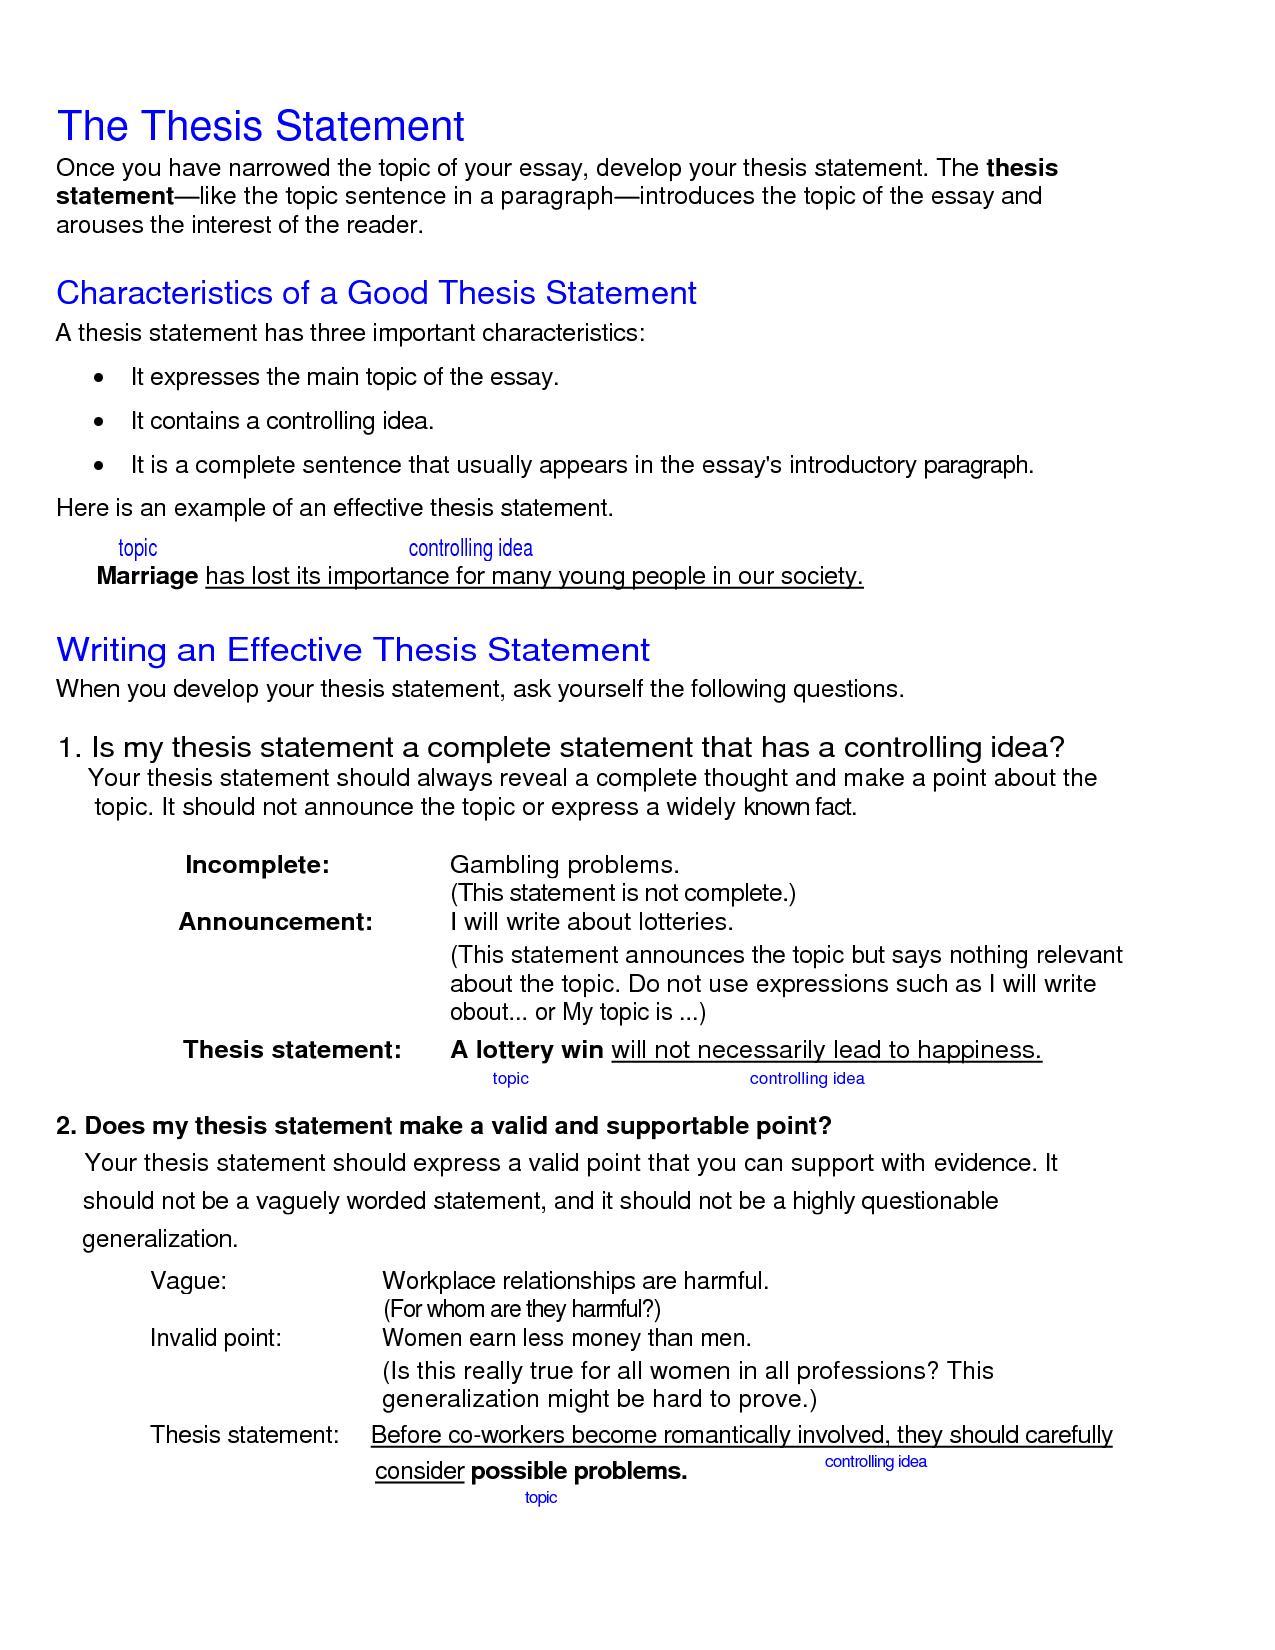 Thesis Statement Formula Worksheet